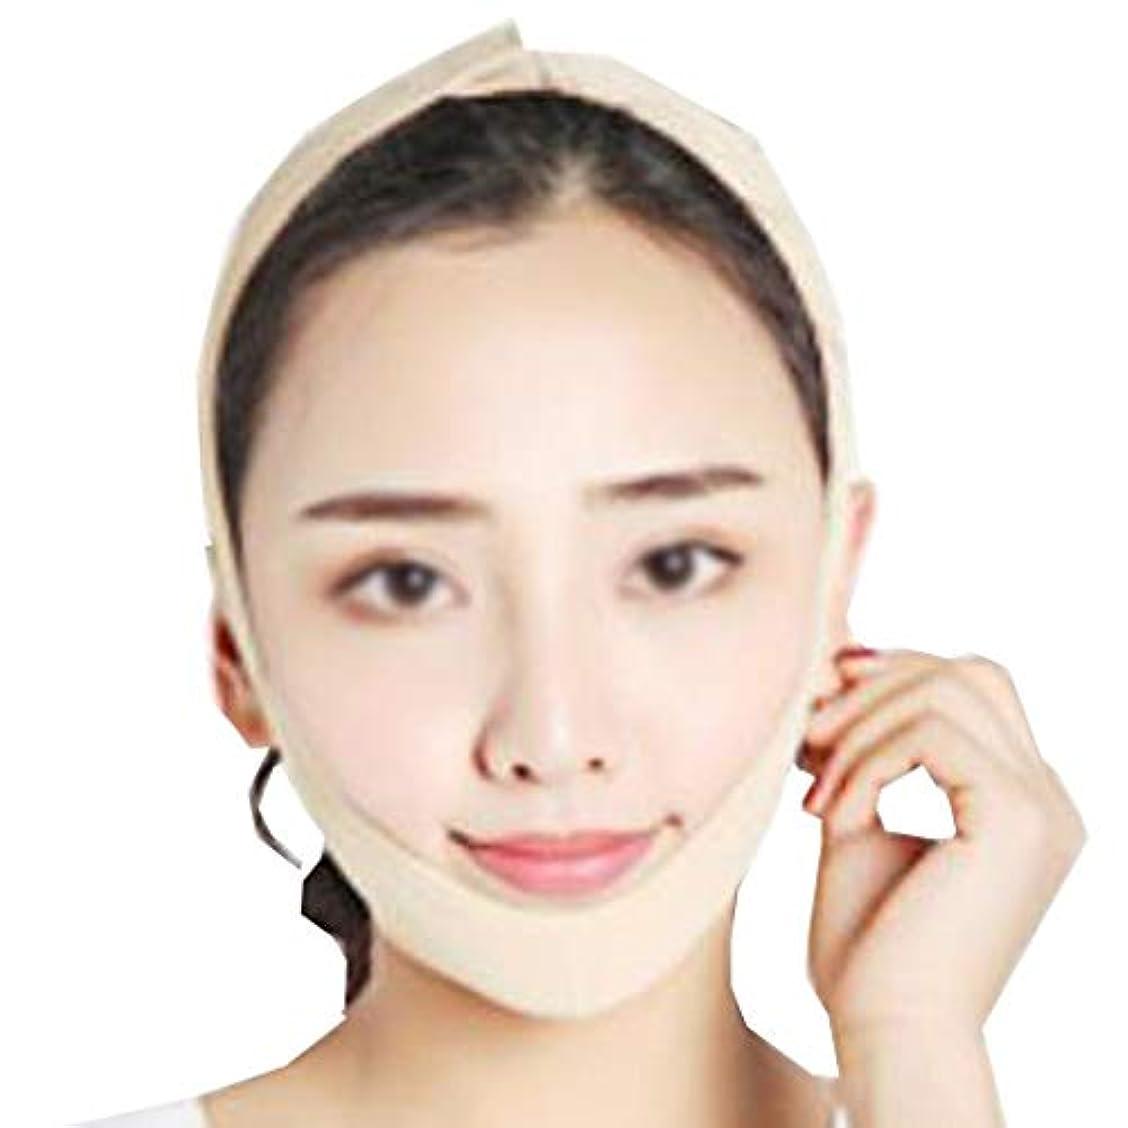 針芸術ケイ素ZWBD フェイスマスク, 細い二重顎の下の小さなVの顔の薄い顔の包帯ライン切り分ける術後の回復マスクの表面持ち上がるヘッドギアの束